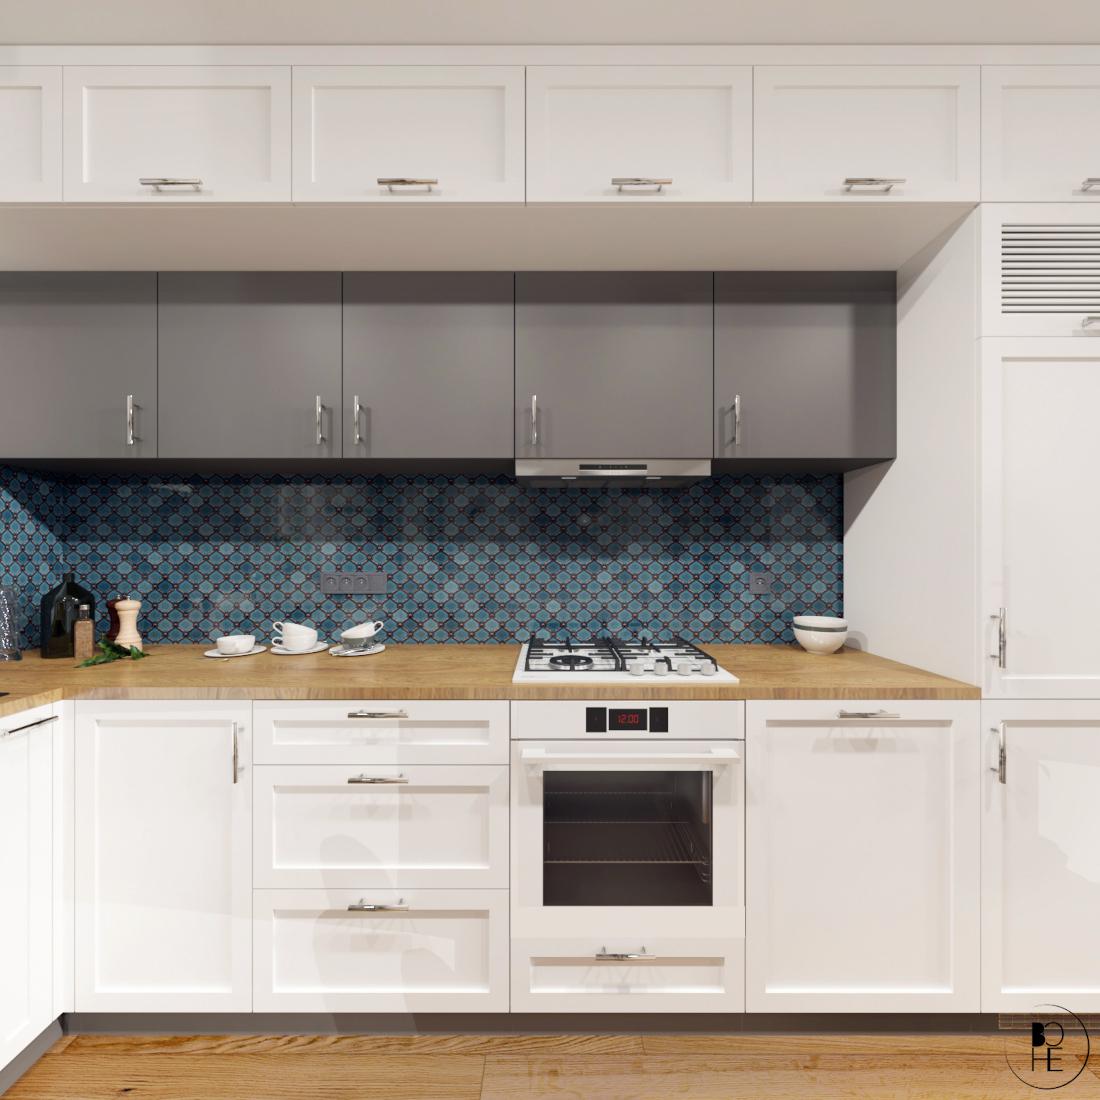 biuro projektowe białystok projekt wnętrza kuchni